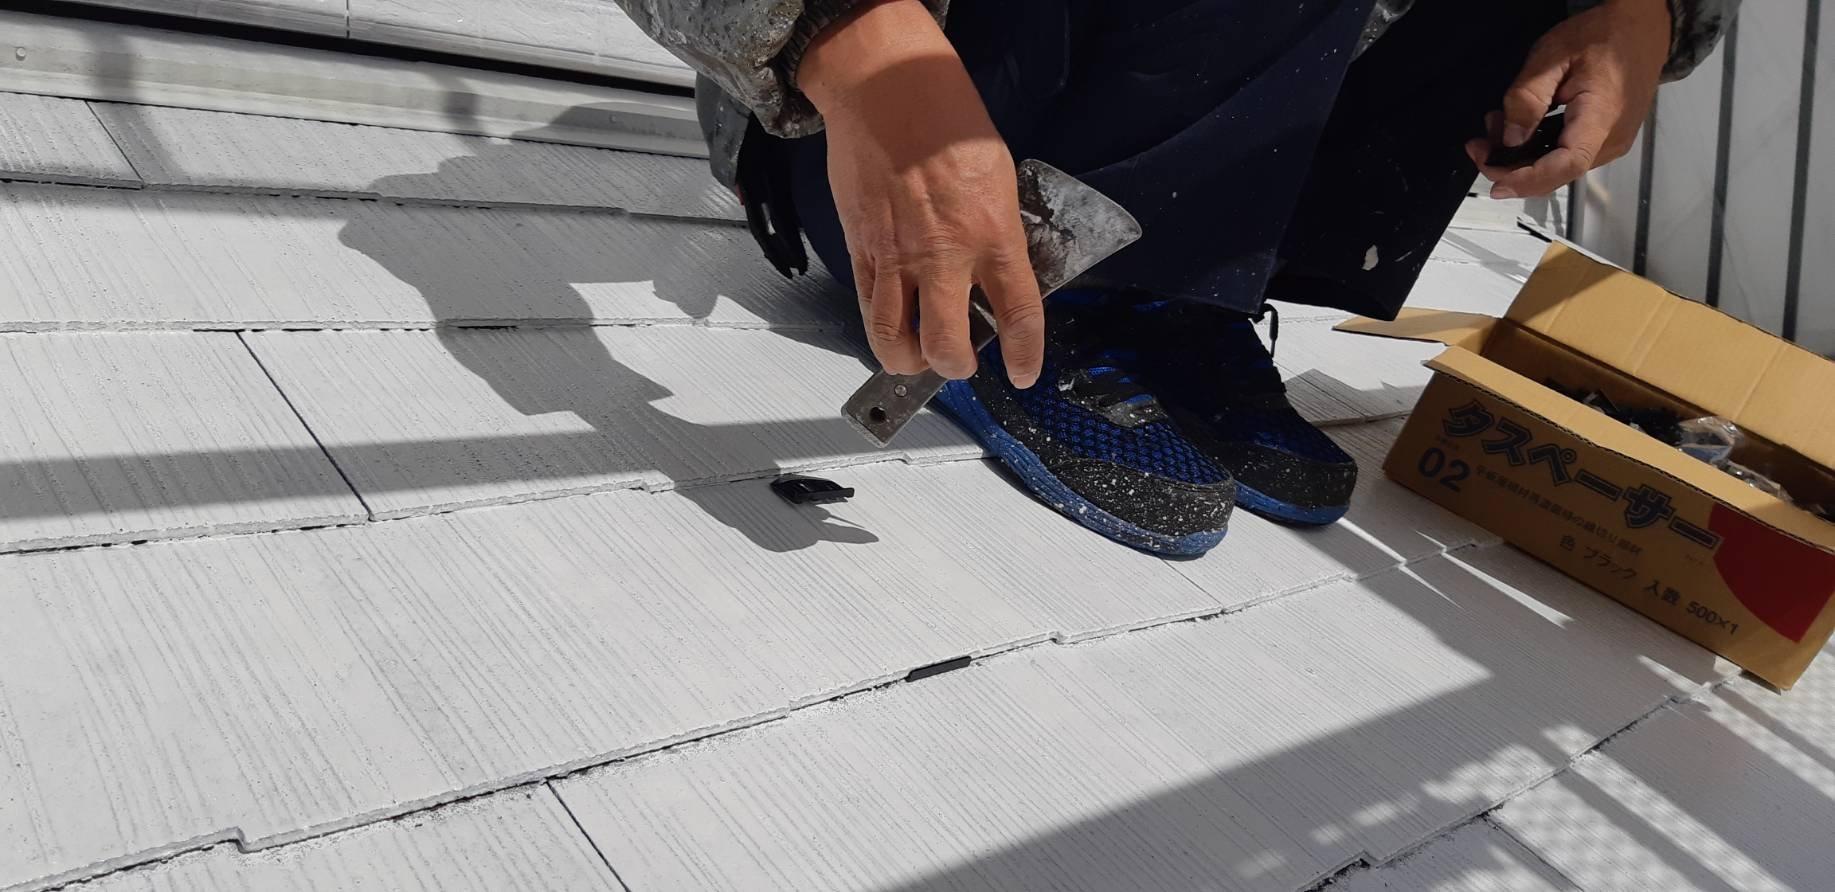 福岡県北九州市八幡西区T様邸施工3日目屋根縁切り軒天塗装外壁下塗り作業